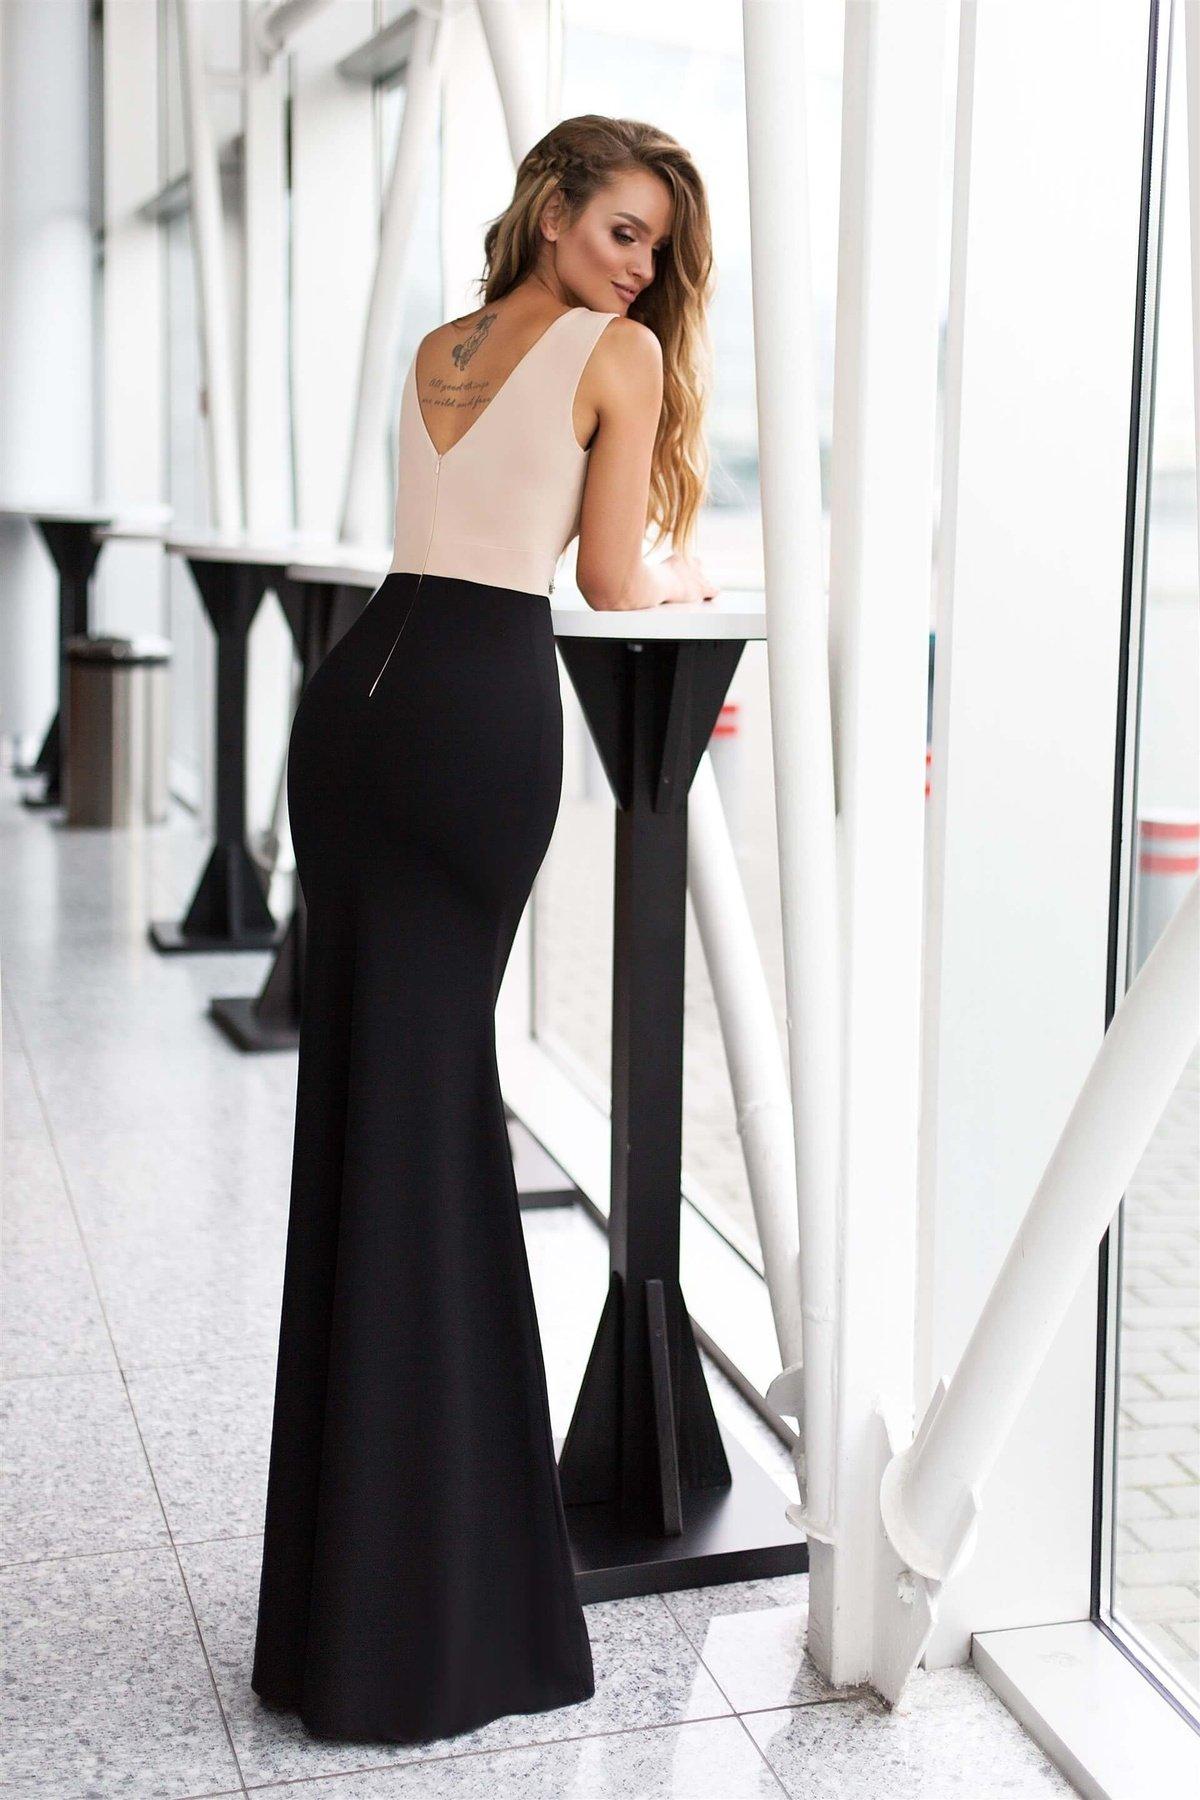 Вечірня сукня Berta - купити коктейльні сукні та вечірні сукні Olya Mak 26af69ff0f5c3